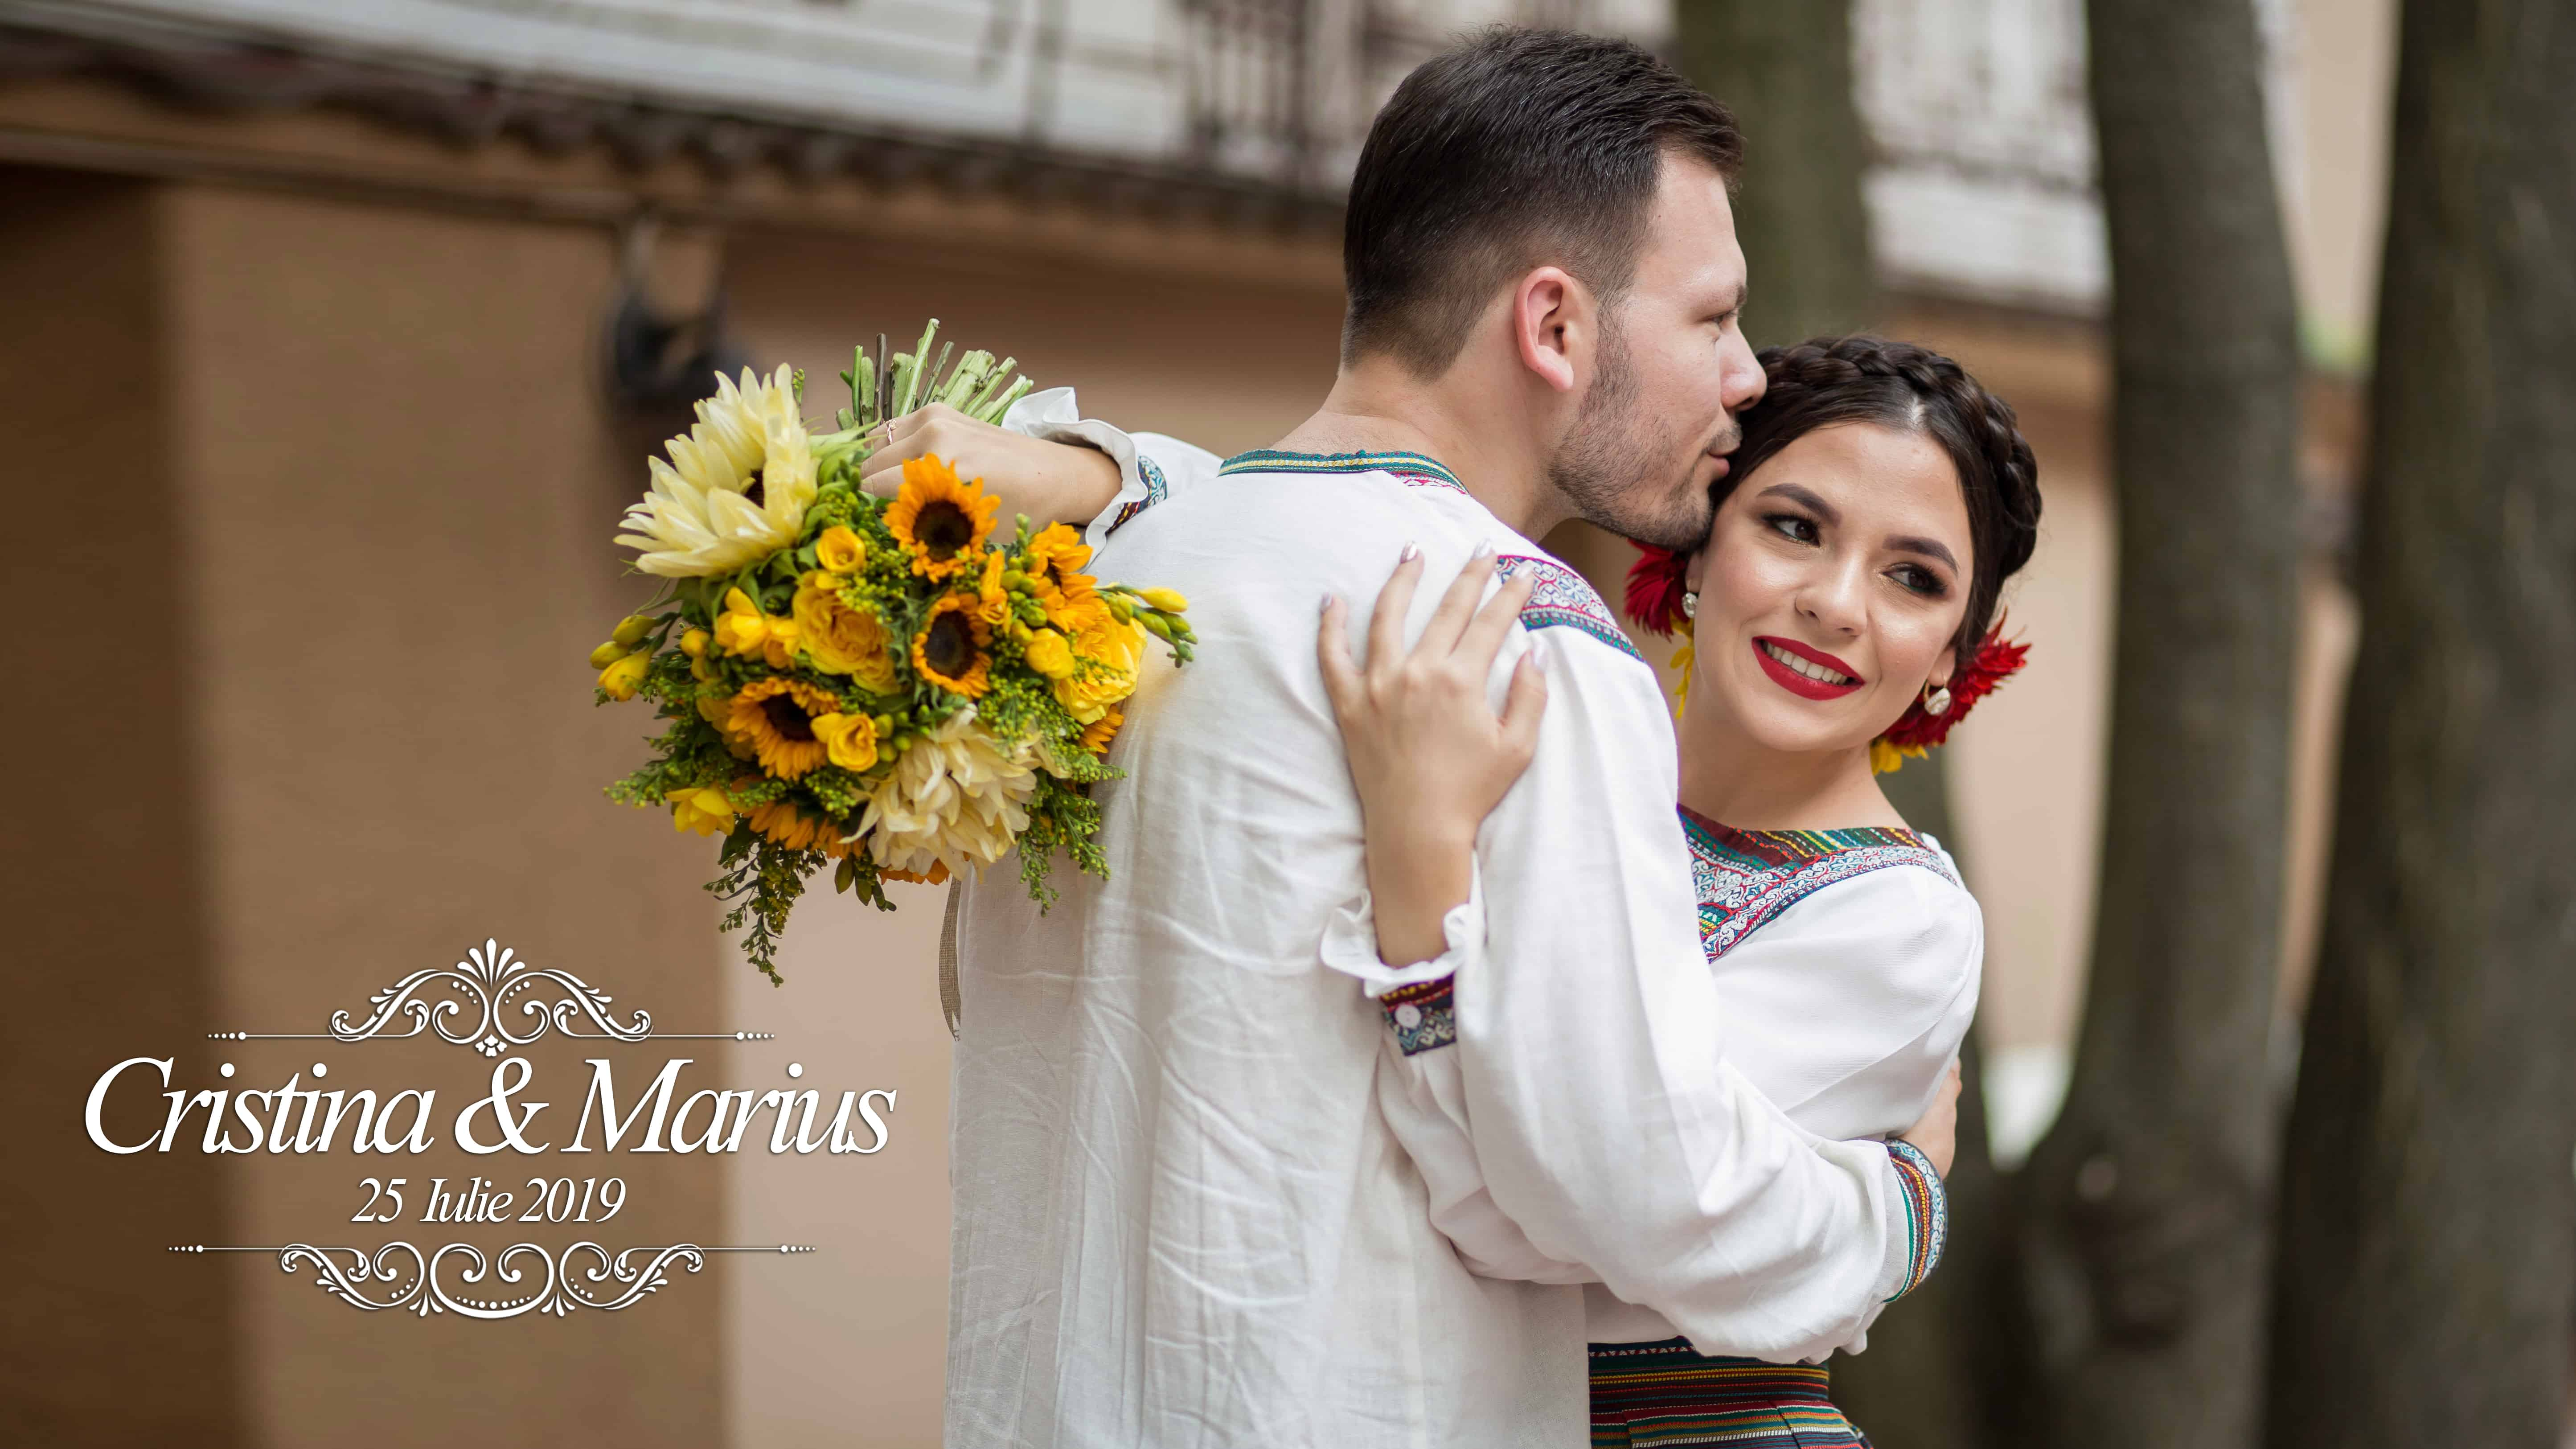 Cristina si Marius